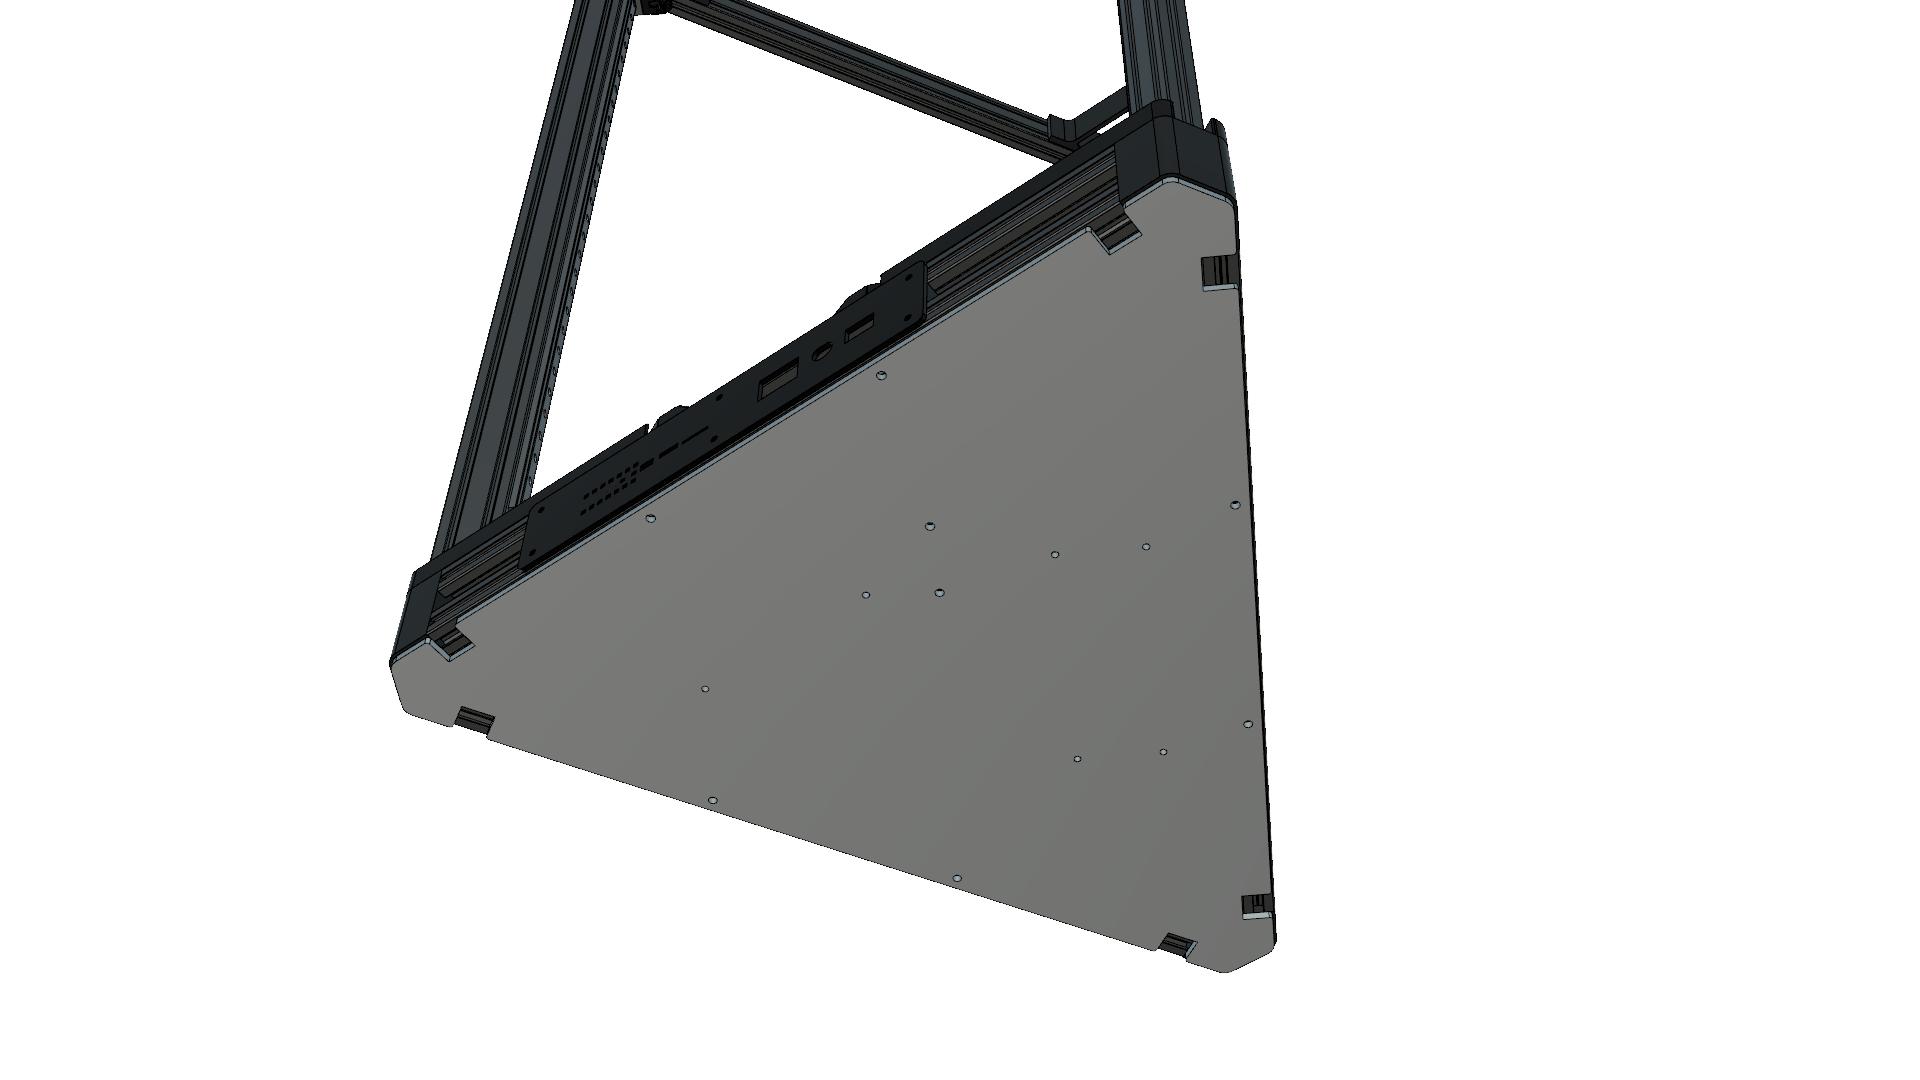 Building a Large Kossel Delta Printer – pt. 7: Design Files